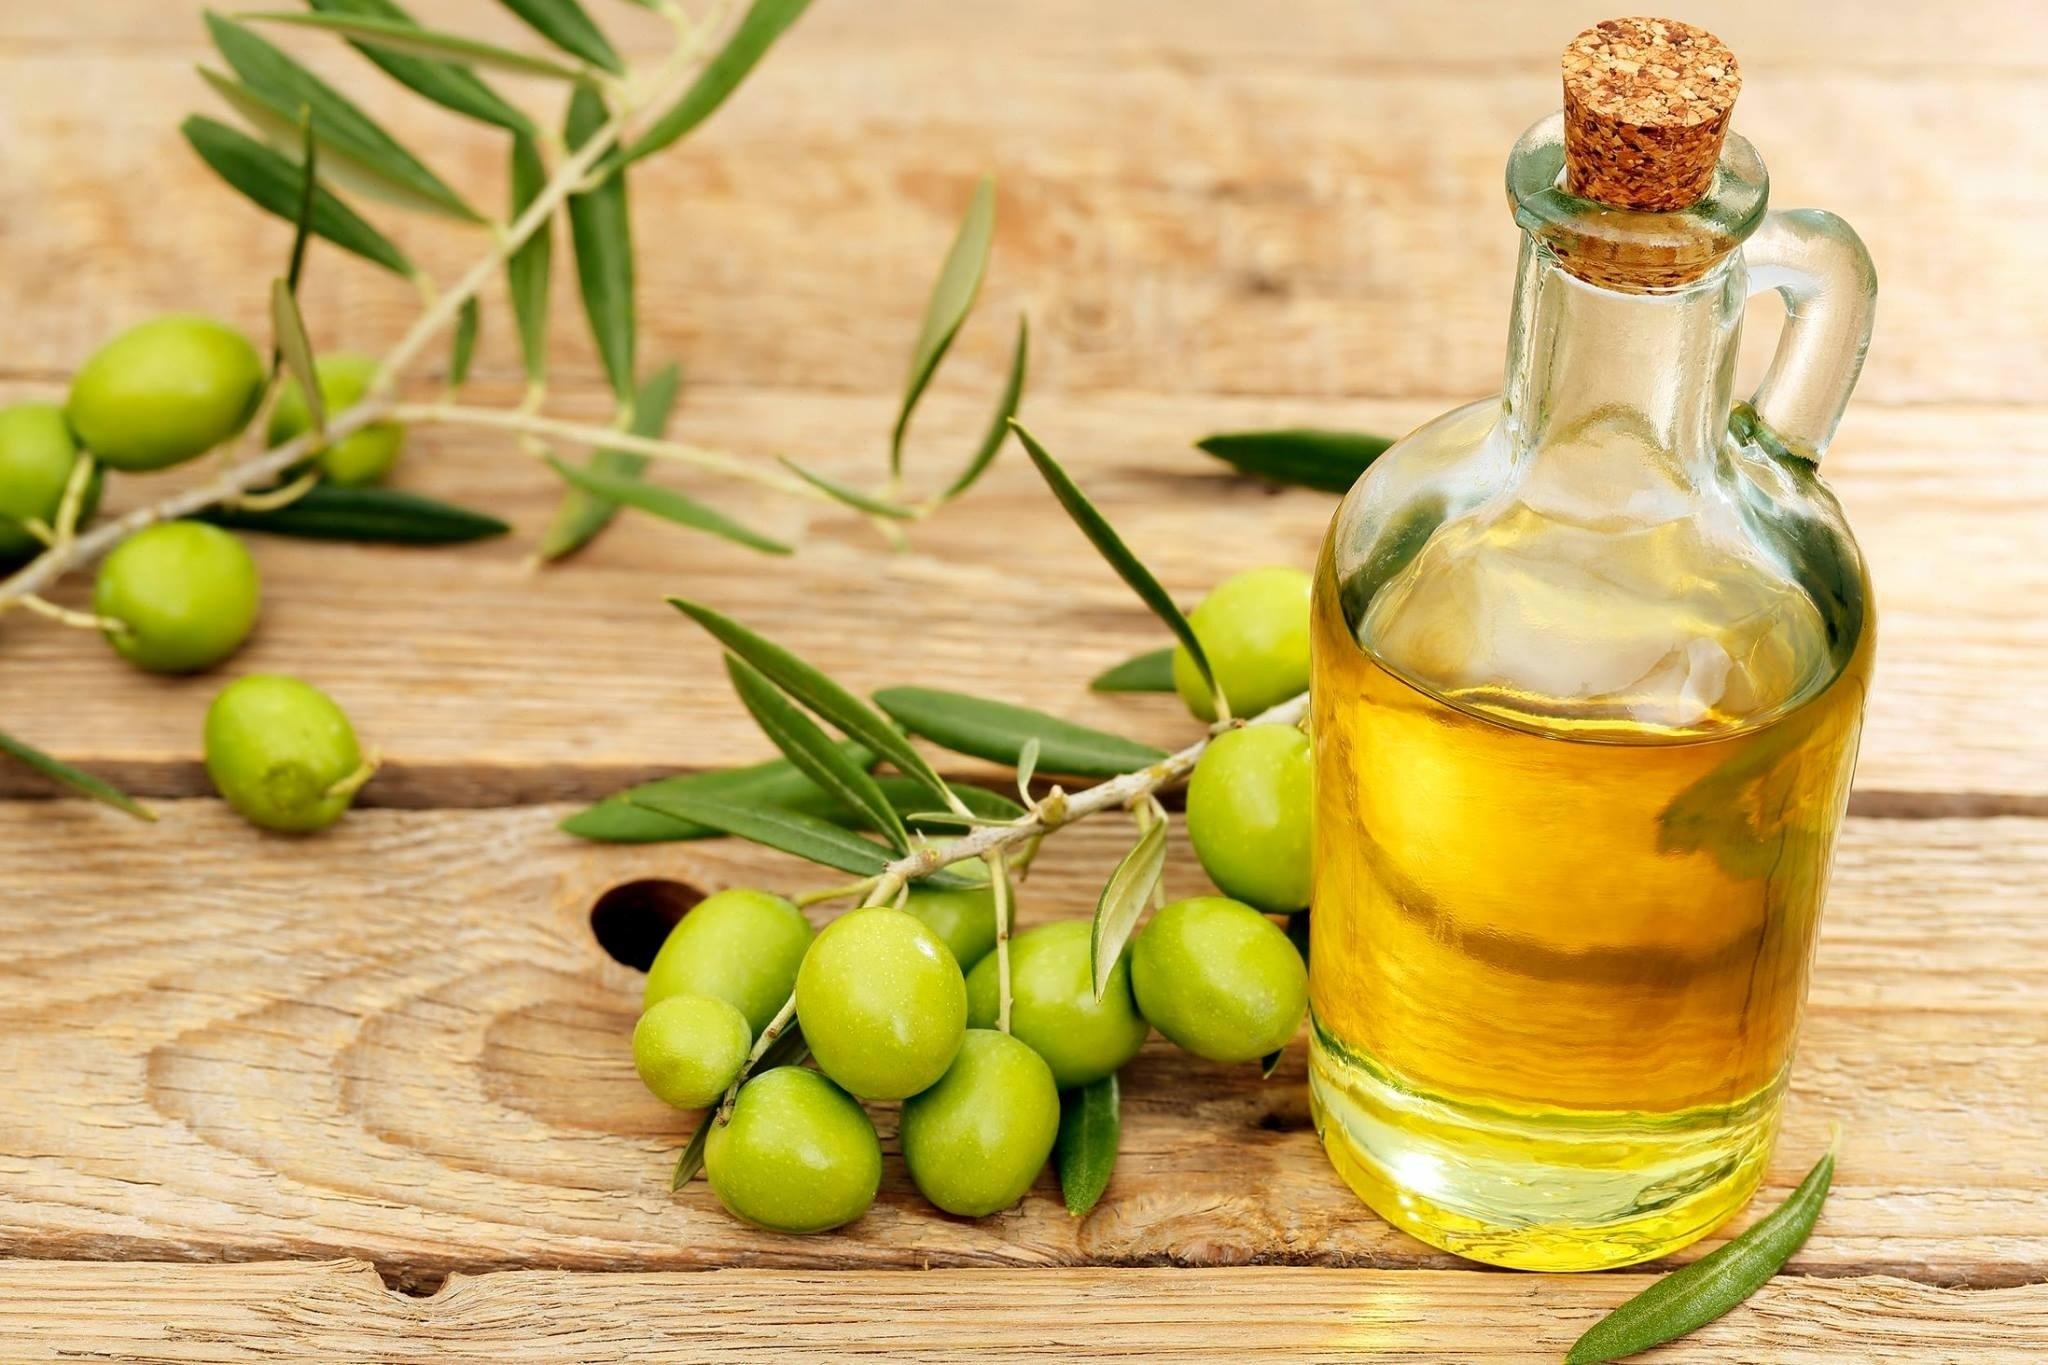 Всего 4 ложки оливкого масла прочистят артерии